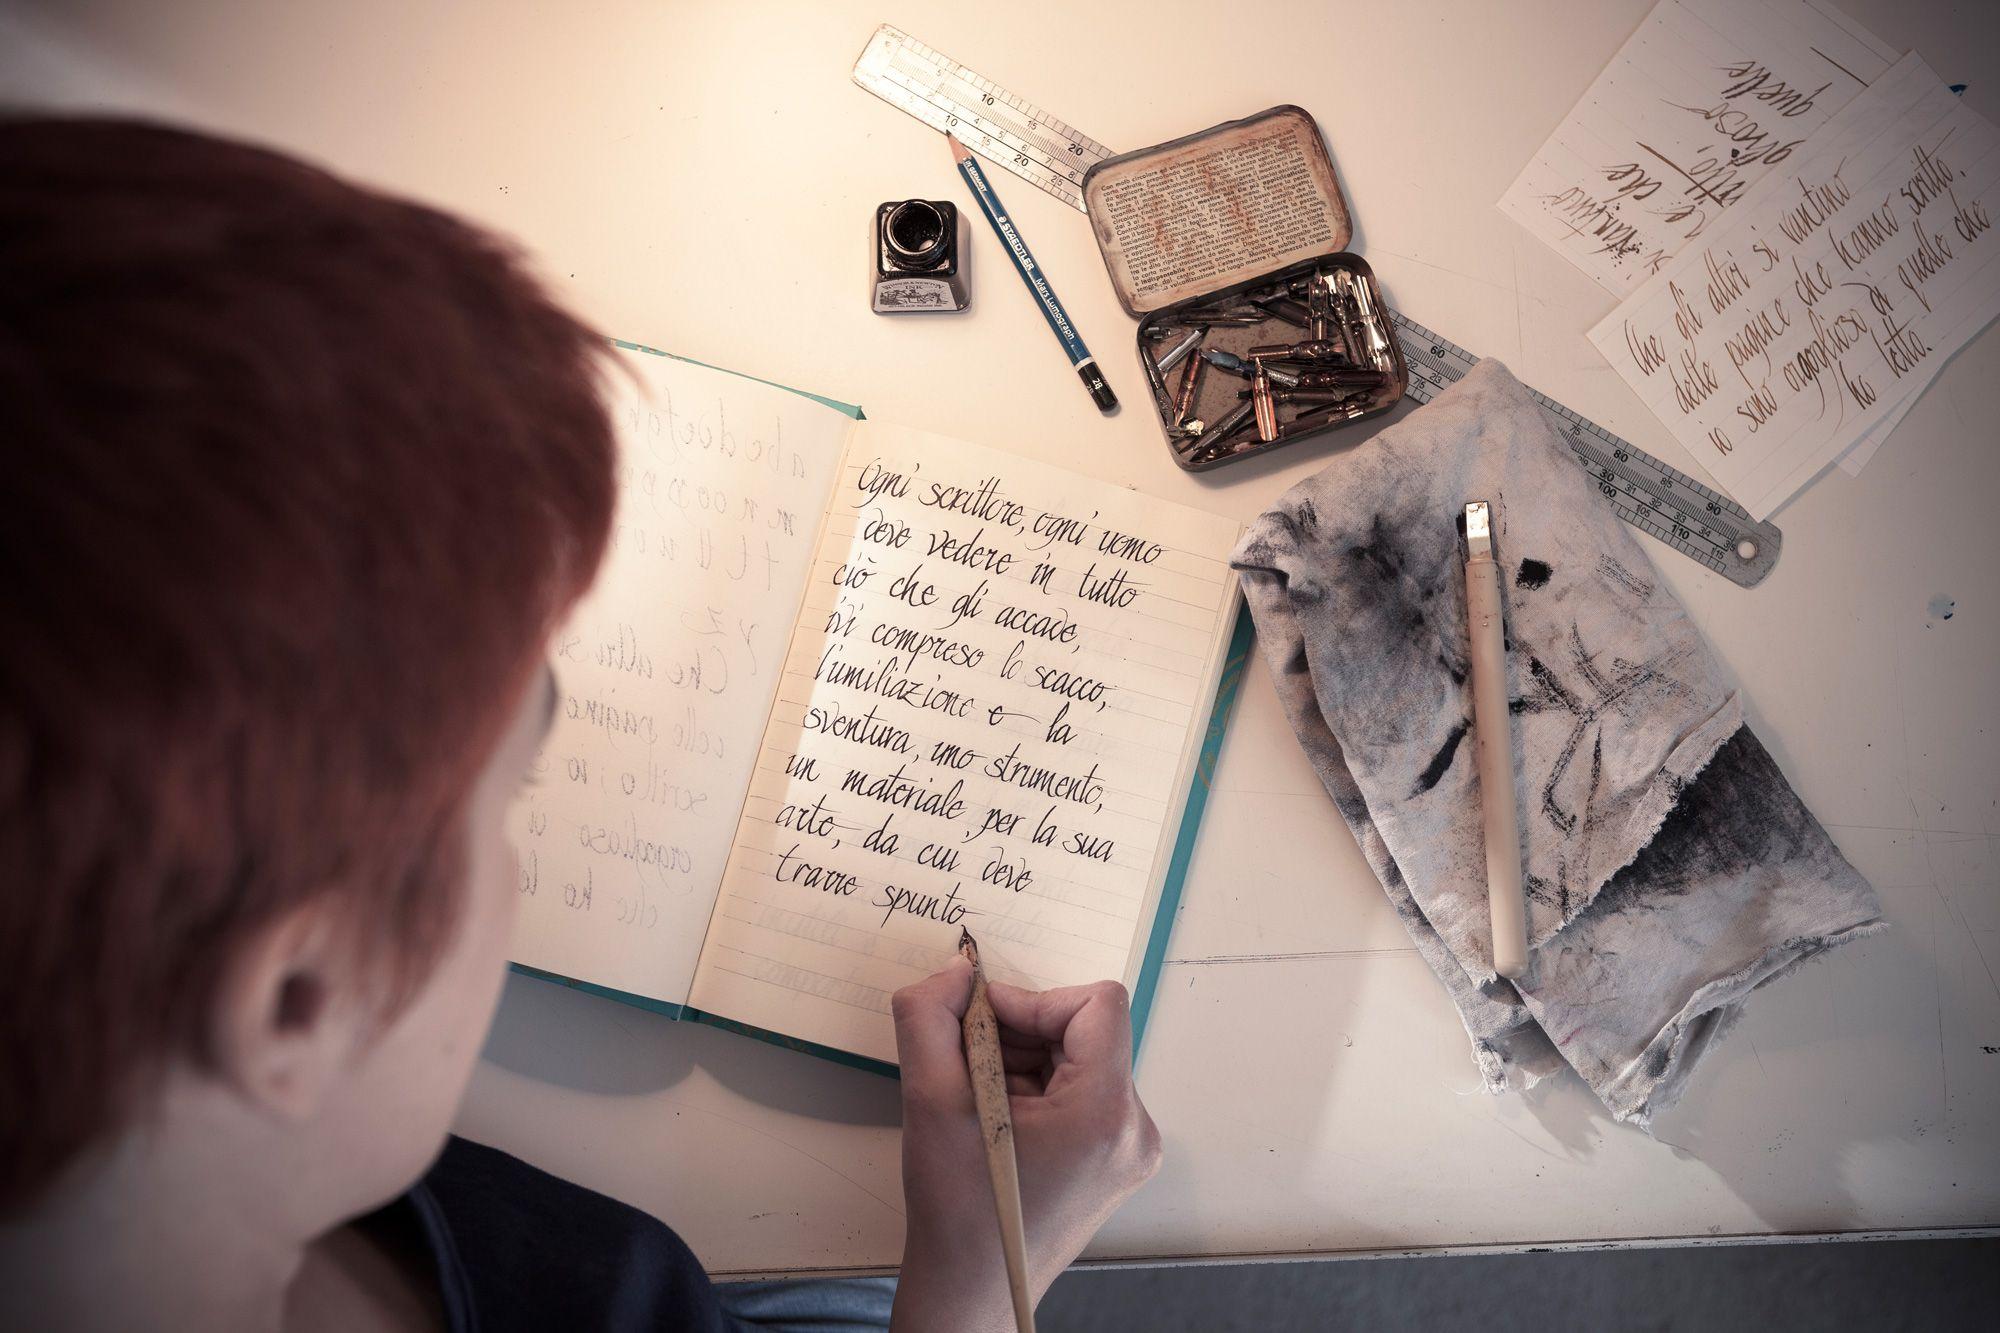 Pennini, inchiostro, straccio e parole!